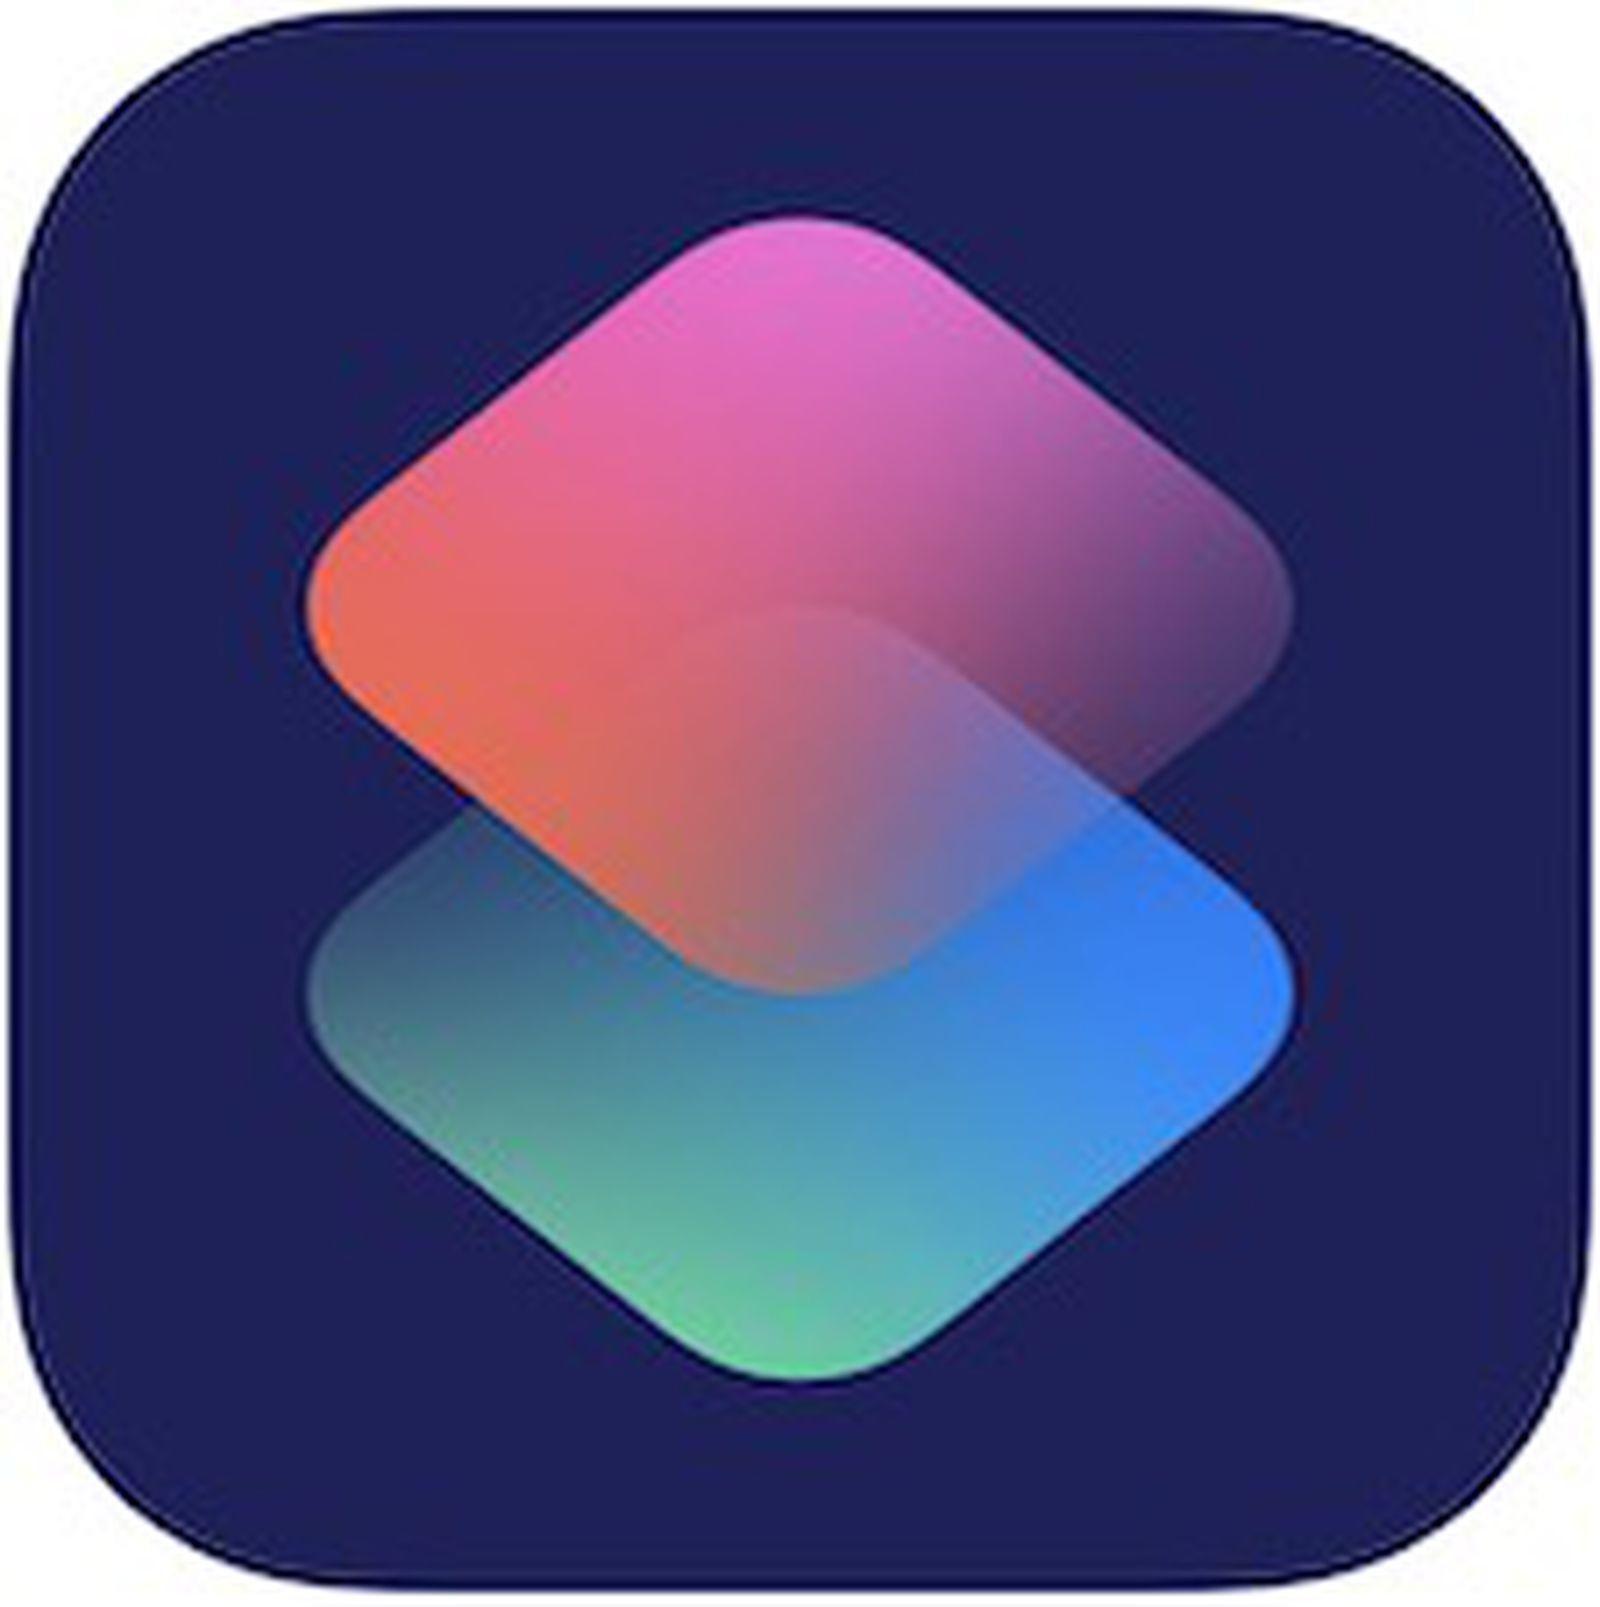 Ios shortcuts app on mac